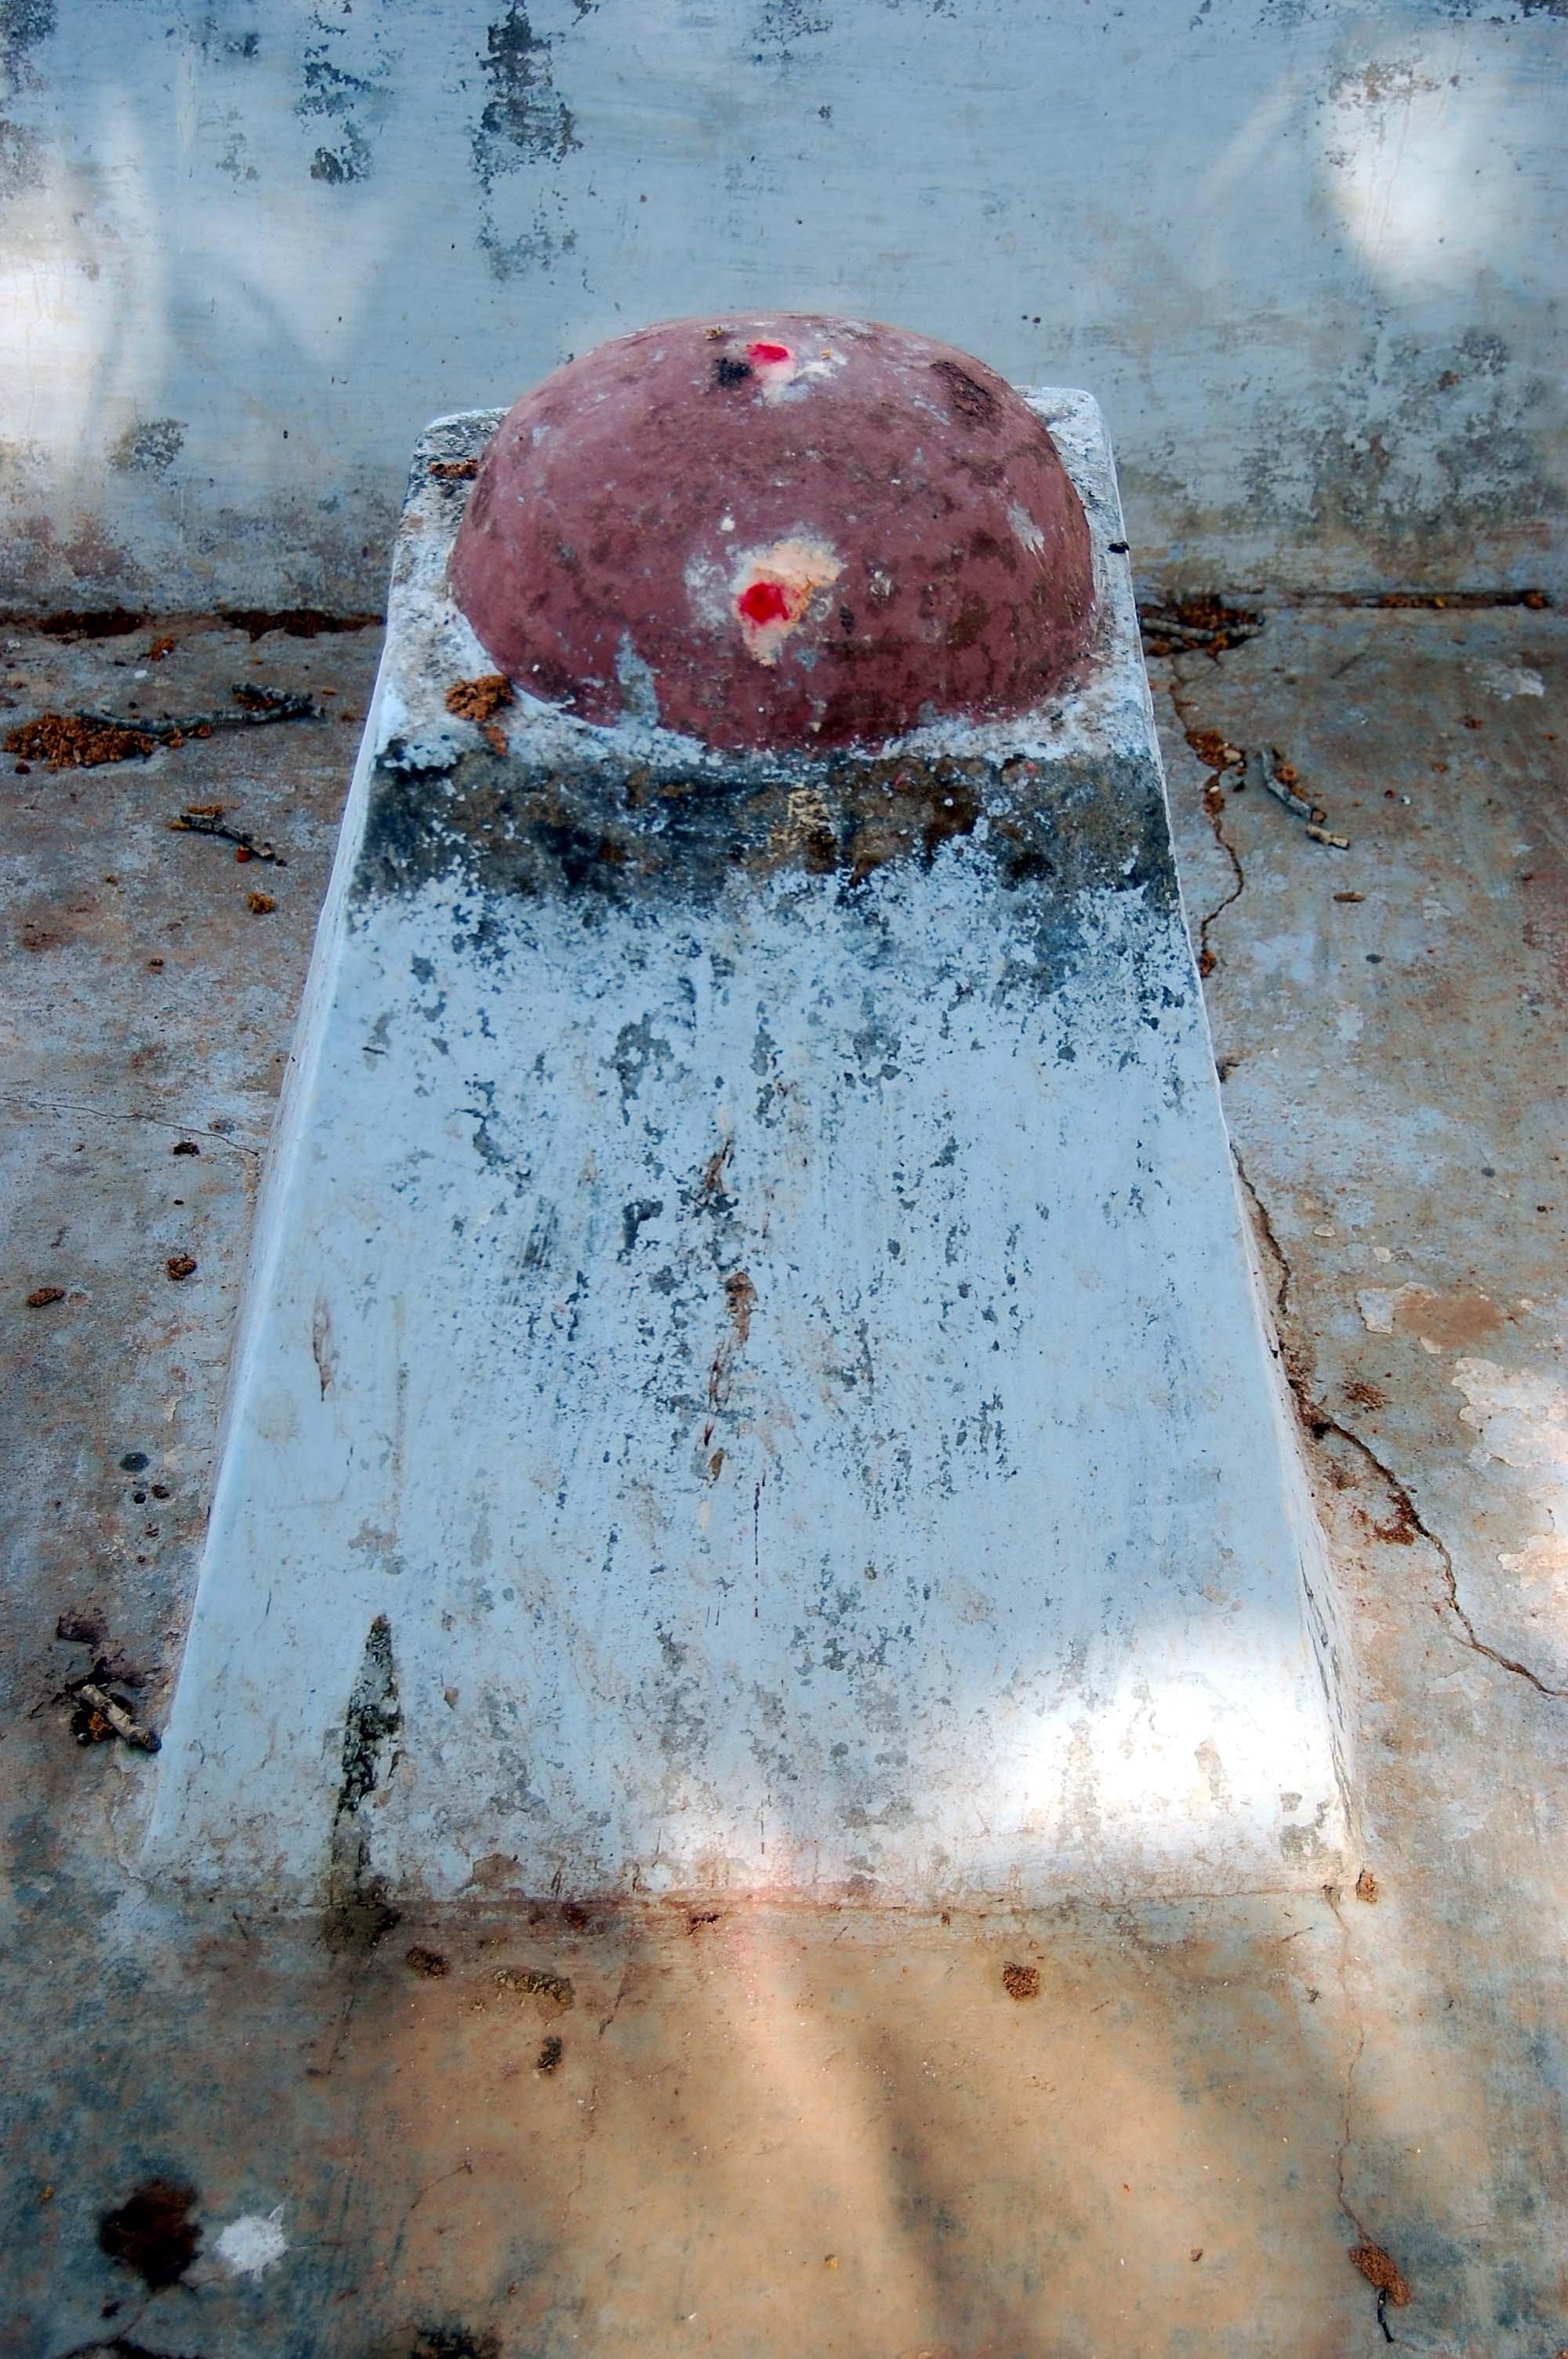 மிஞ்சின் சாமி